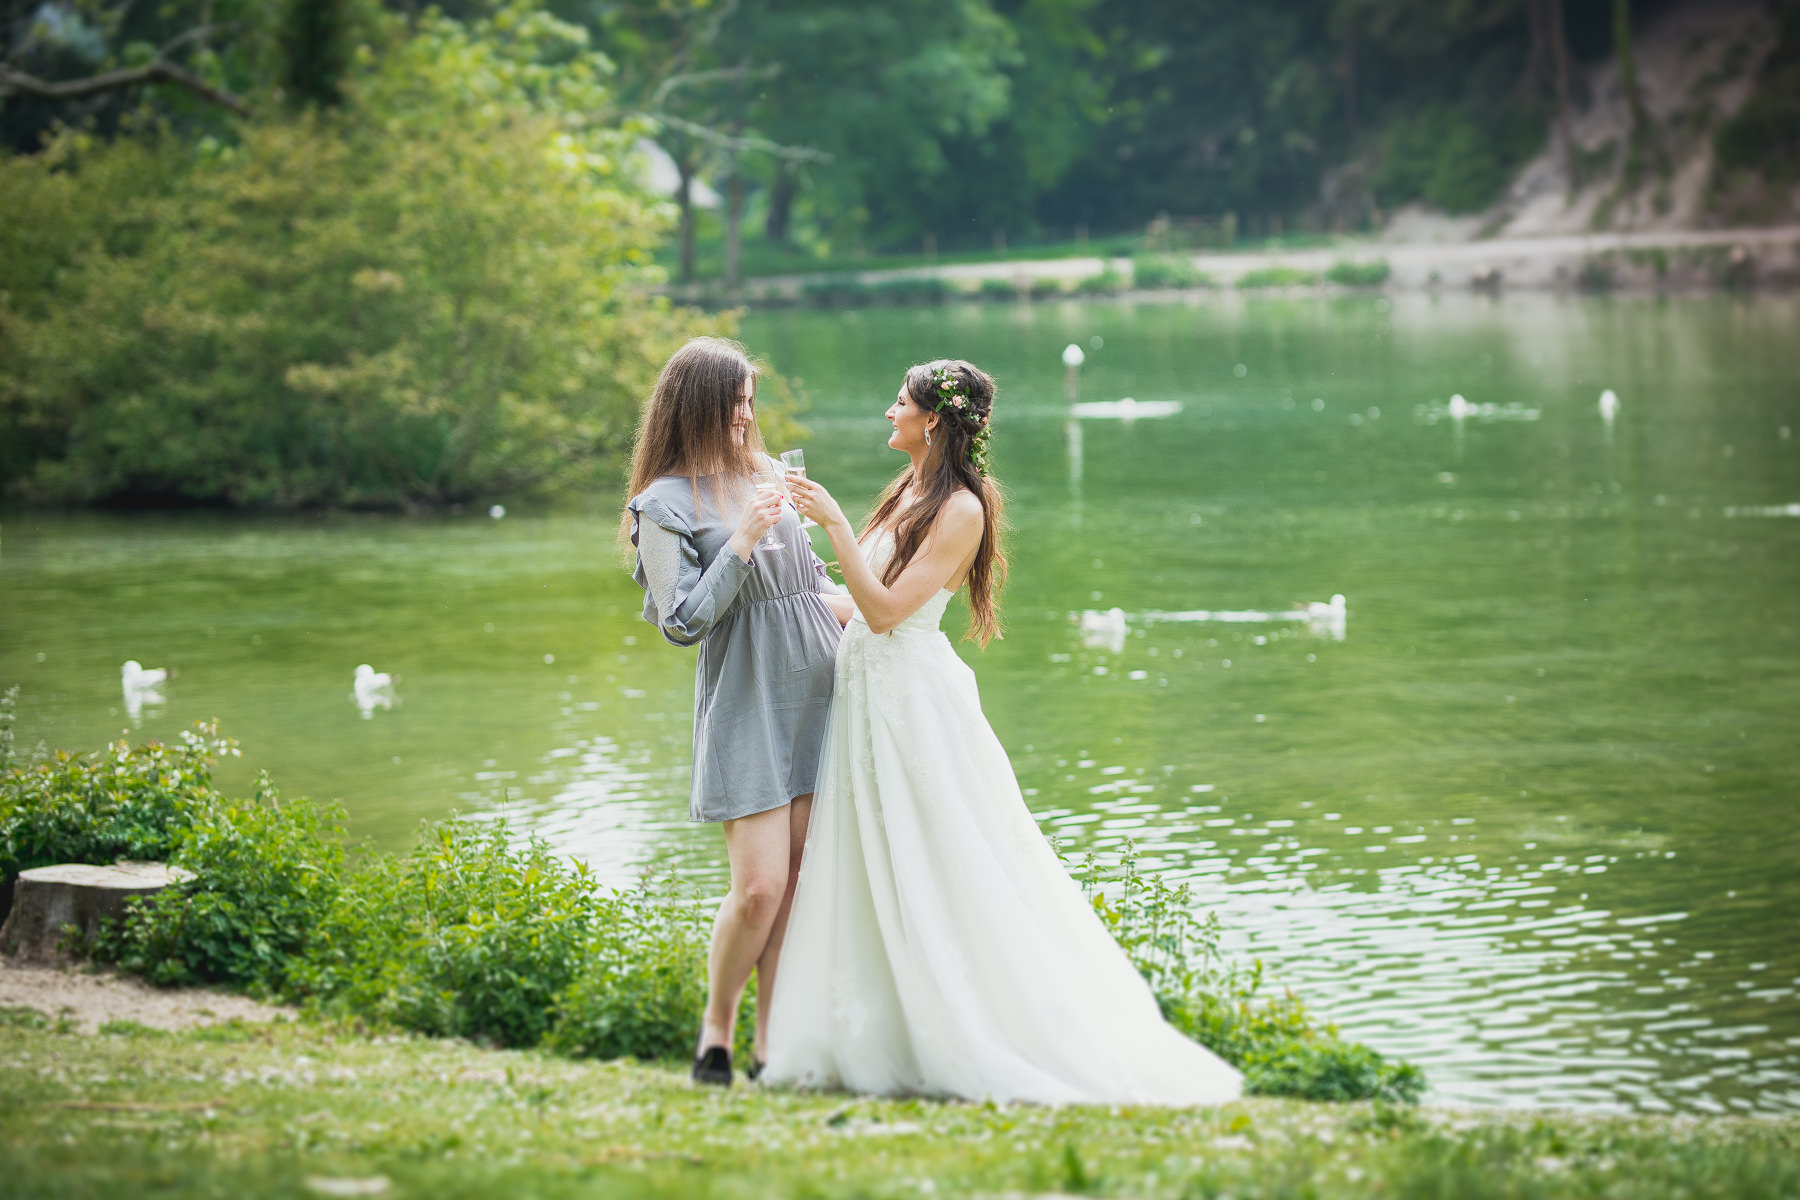 Dangira & Ignas Chichester Weddings VILCINSKAITE PHOTO 8.jpg